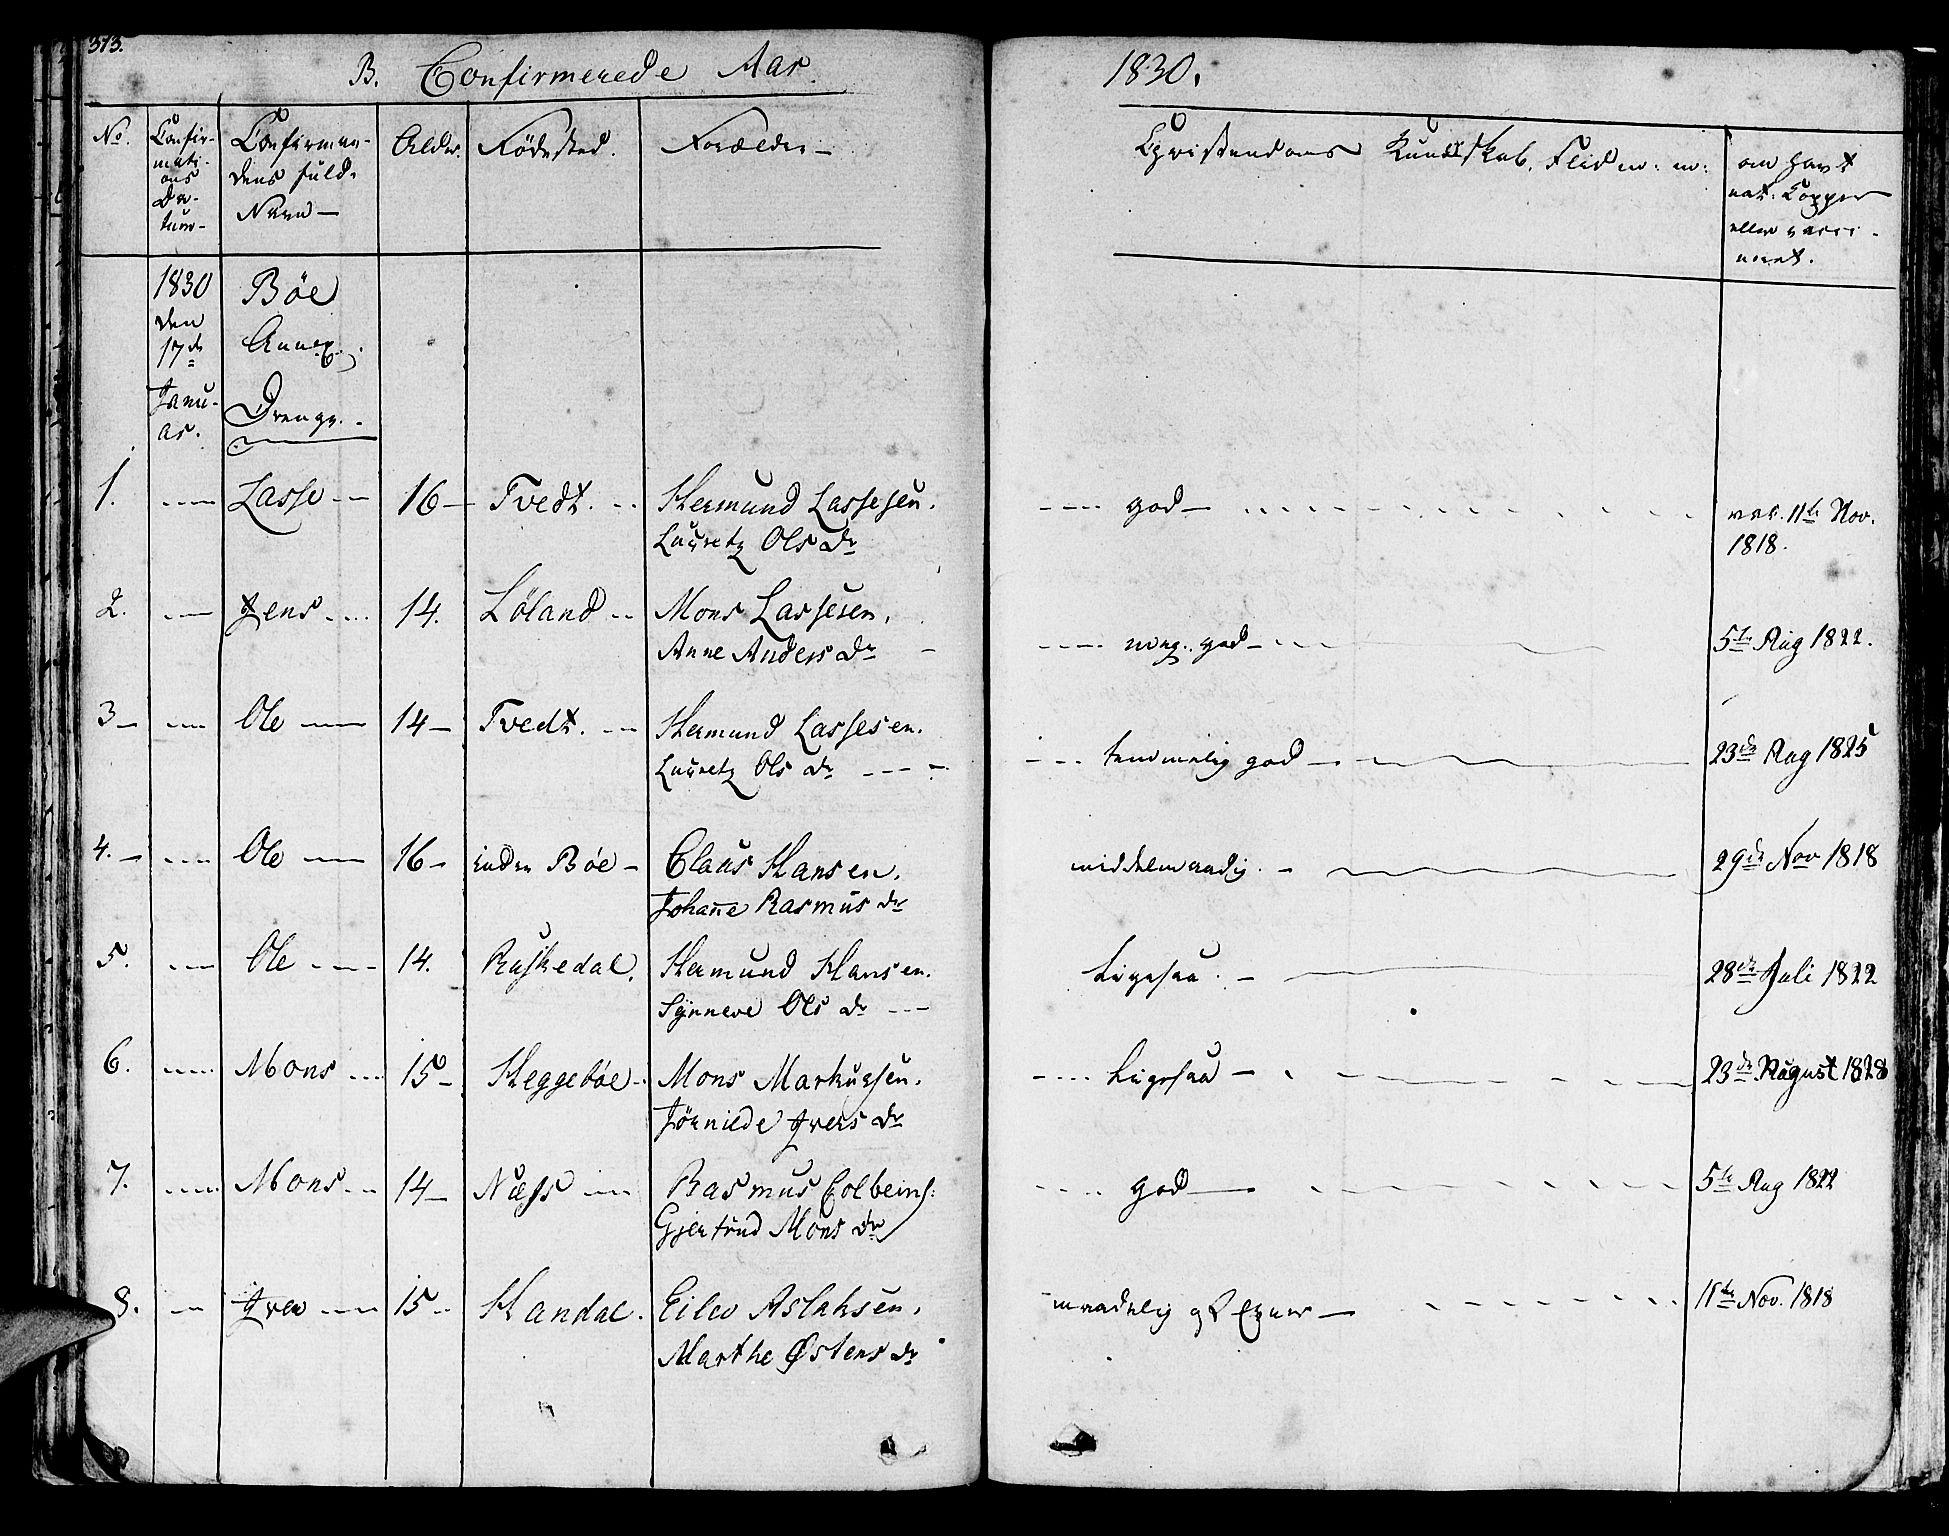 SAB, Lavik sokneprestembete, Ministerialbok nr. A 2I, 1821-1842, s. 313